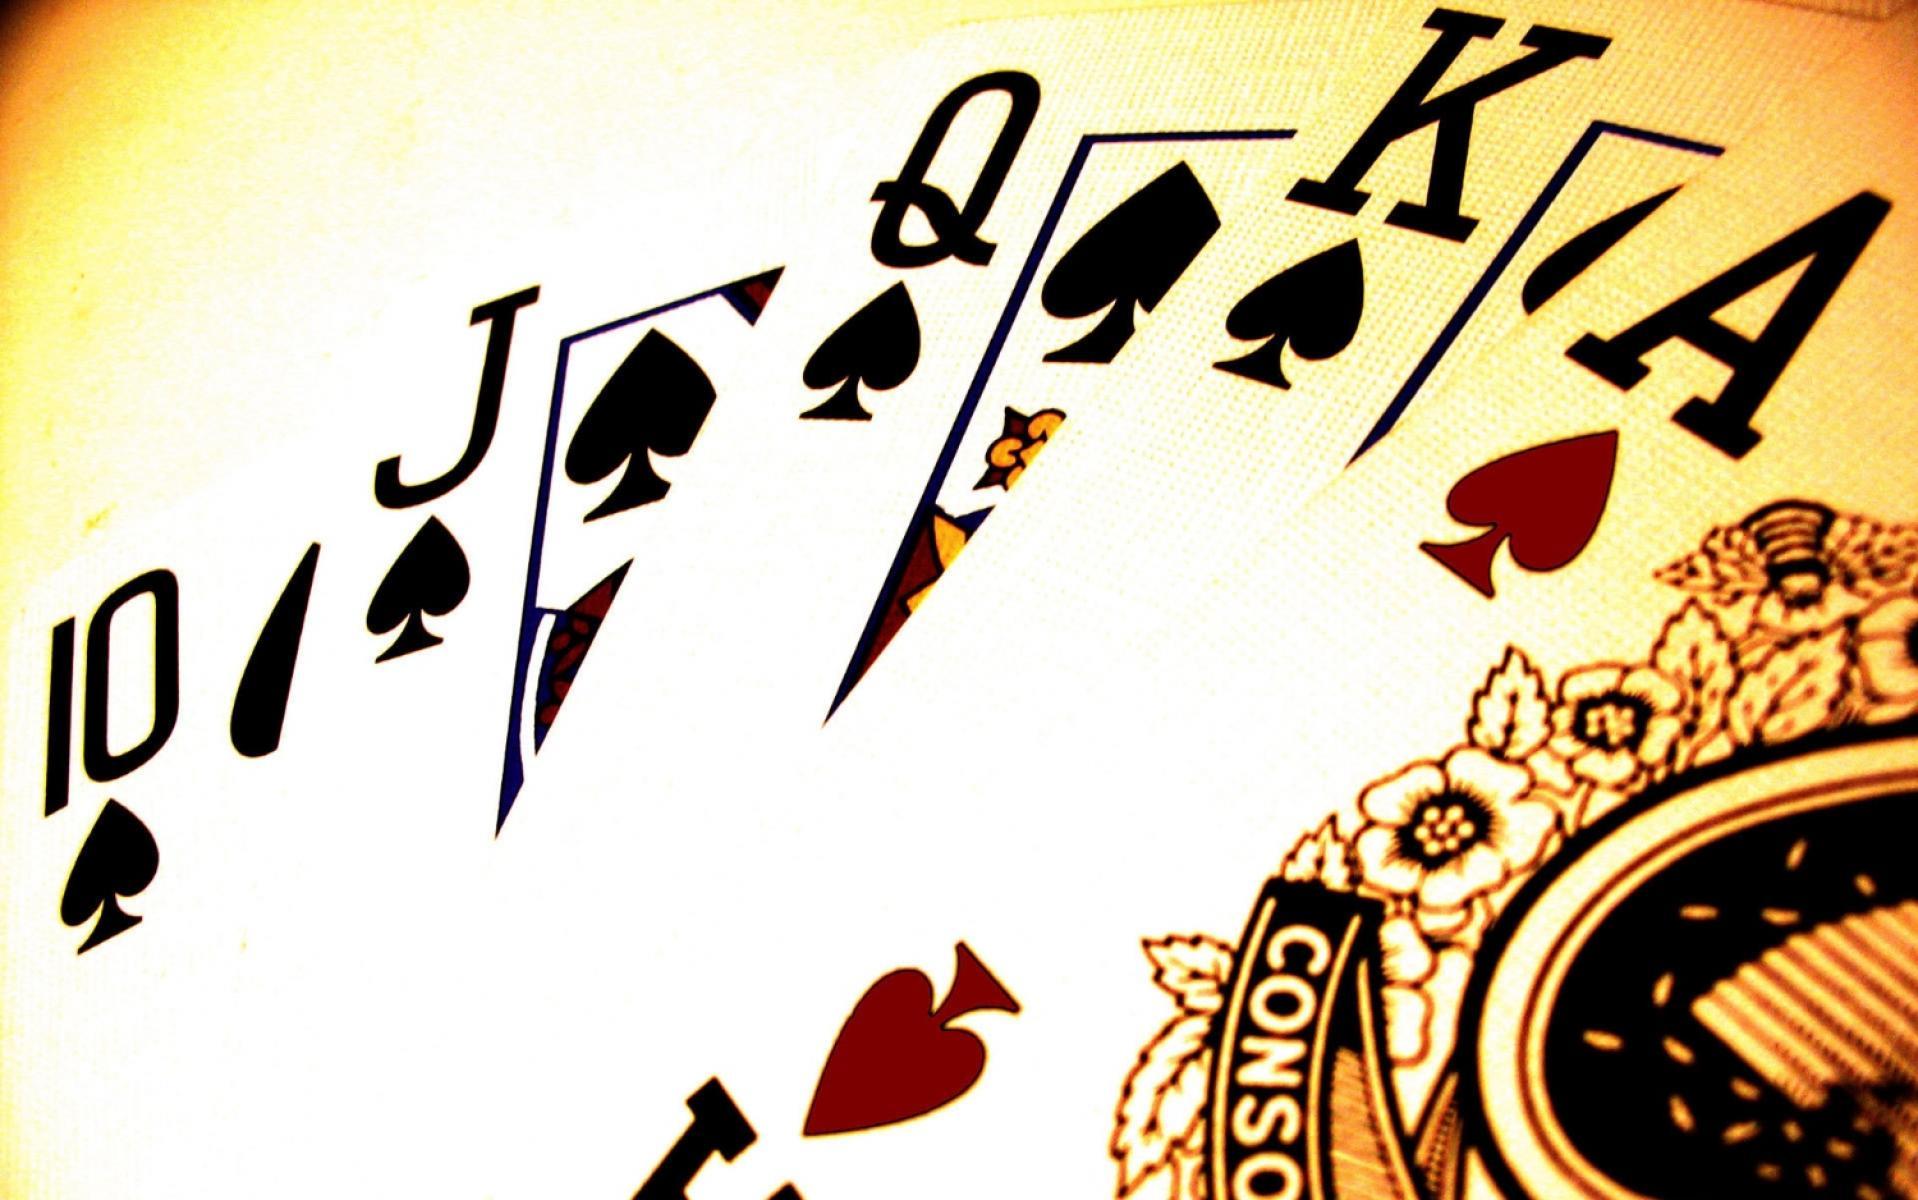 Orlando Hold'em Poker at Roque Pub